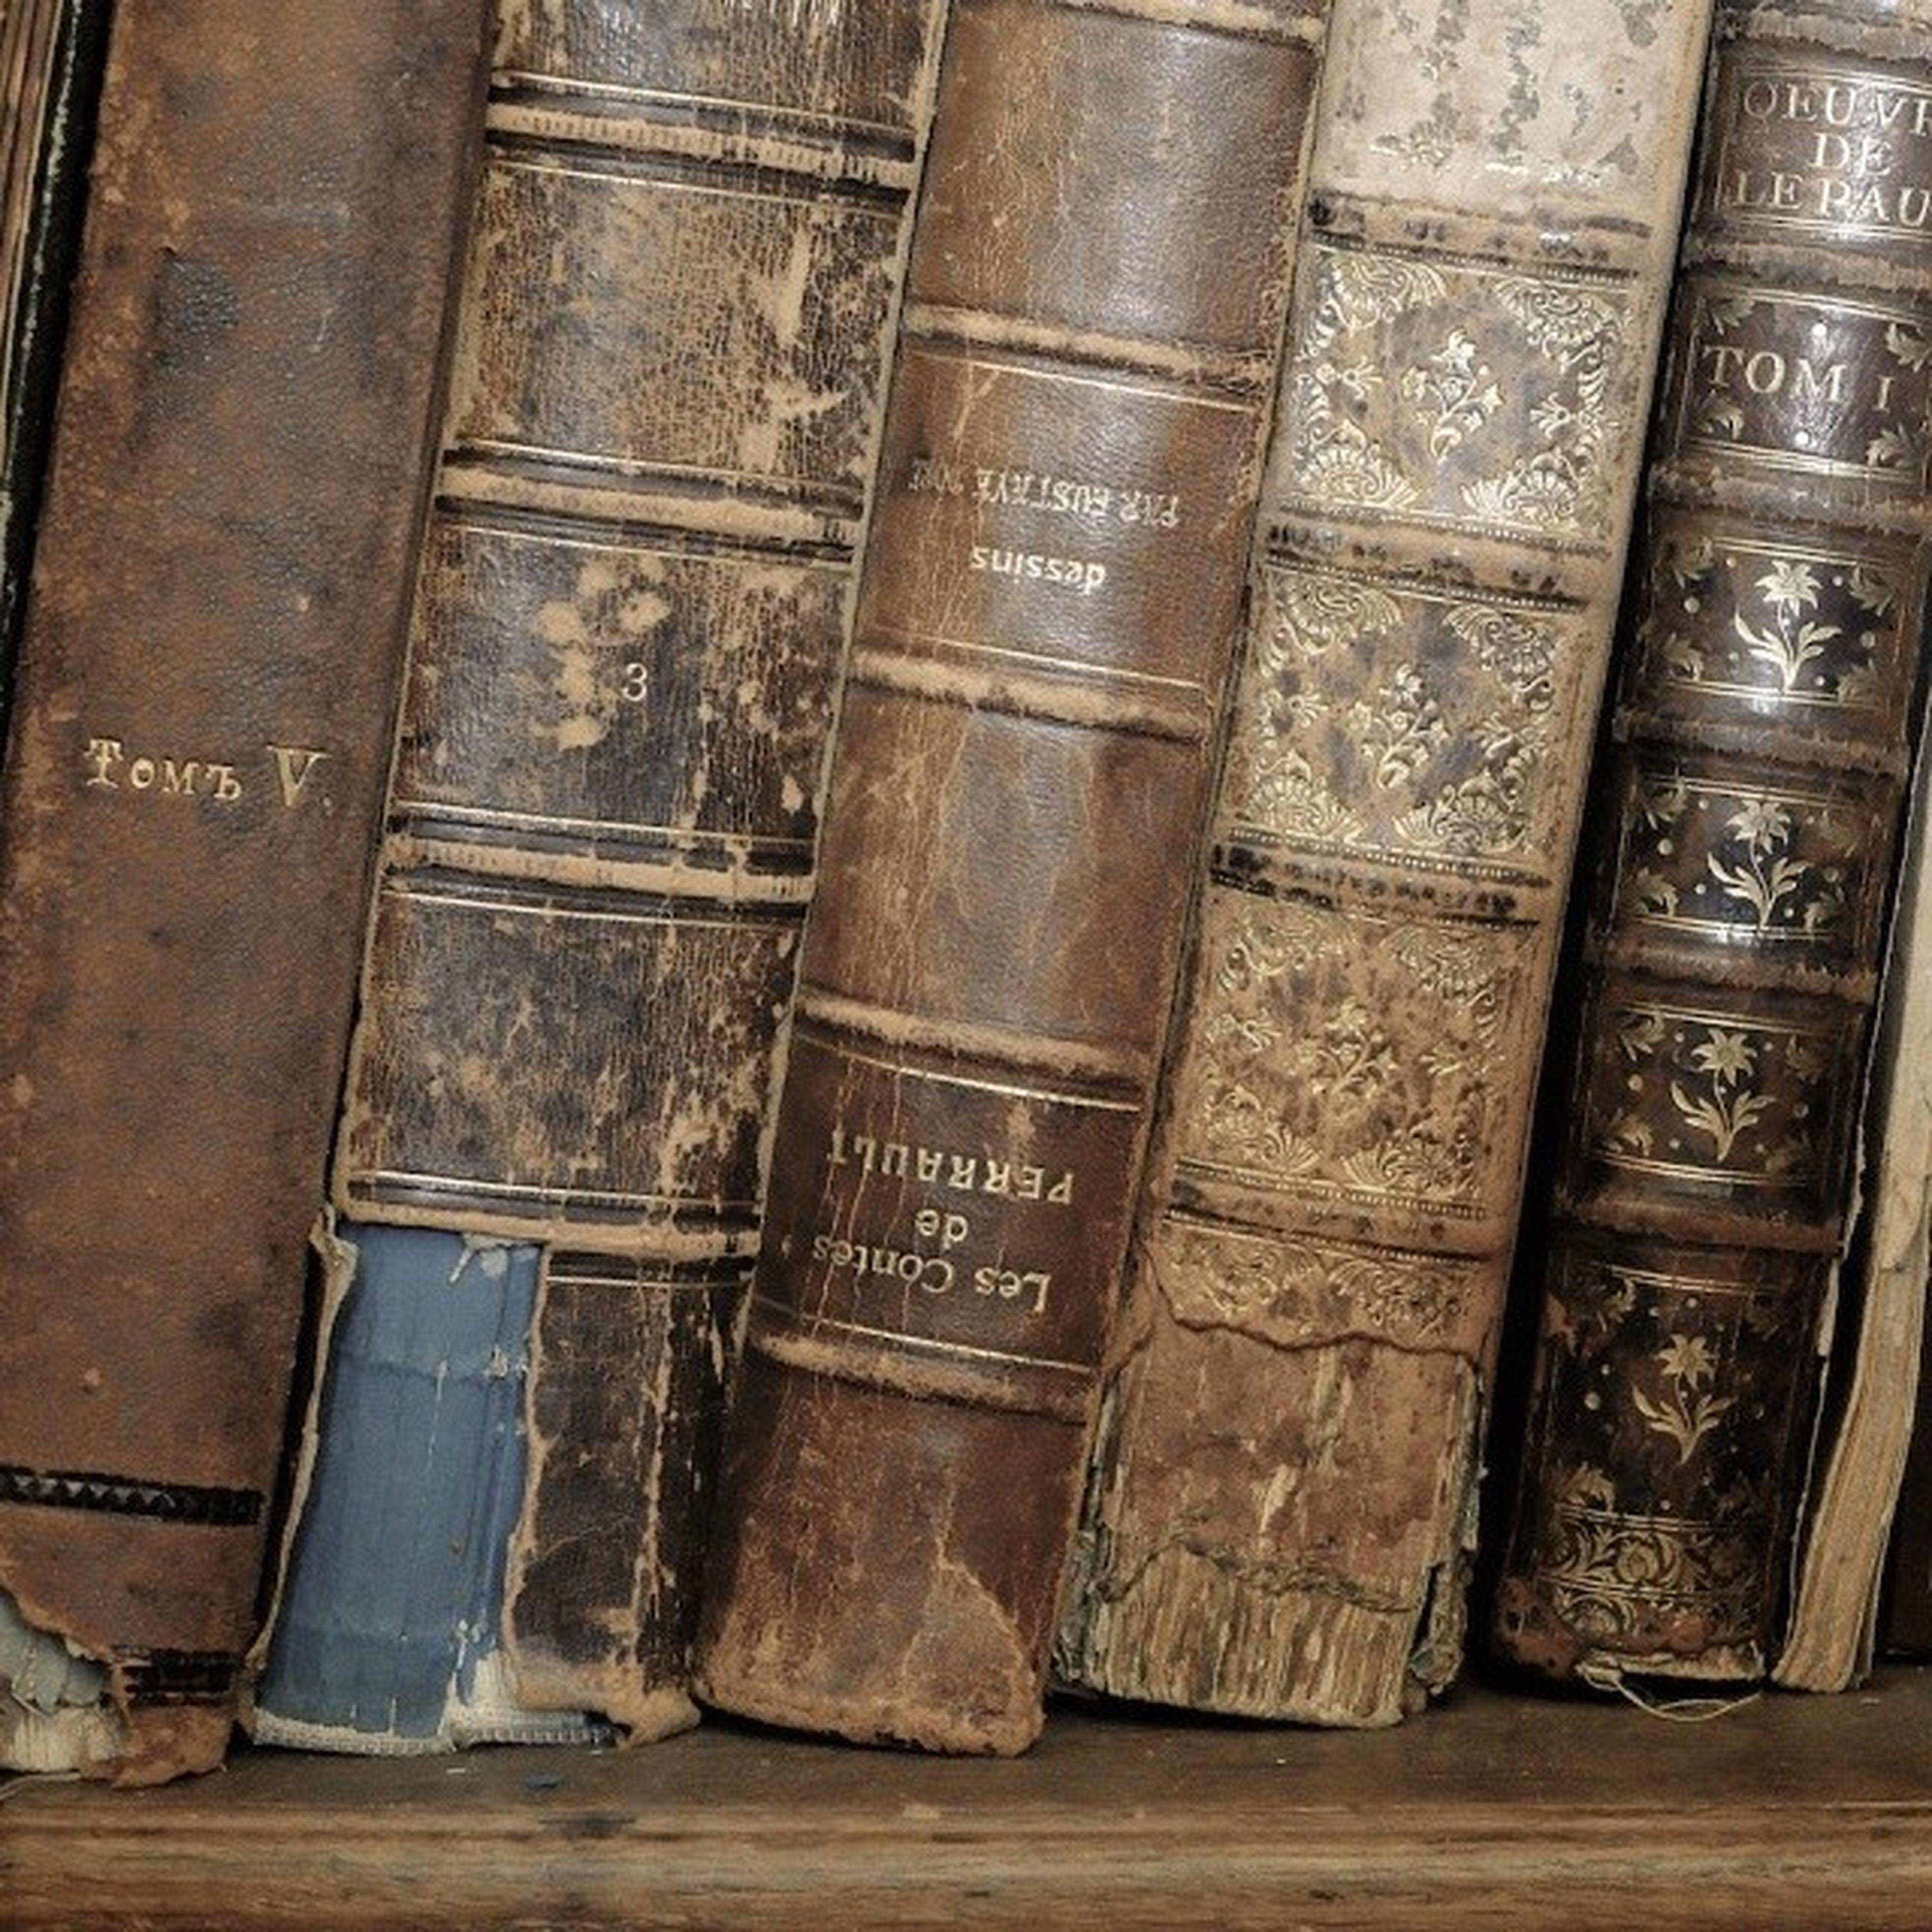 Ещё красивые корешки к Всемирному дню книги . денькниги Worldbookday books bibliopole spines antiques vintage